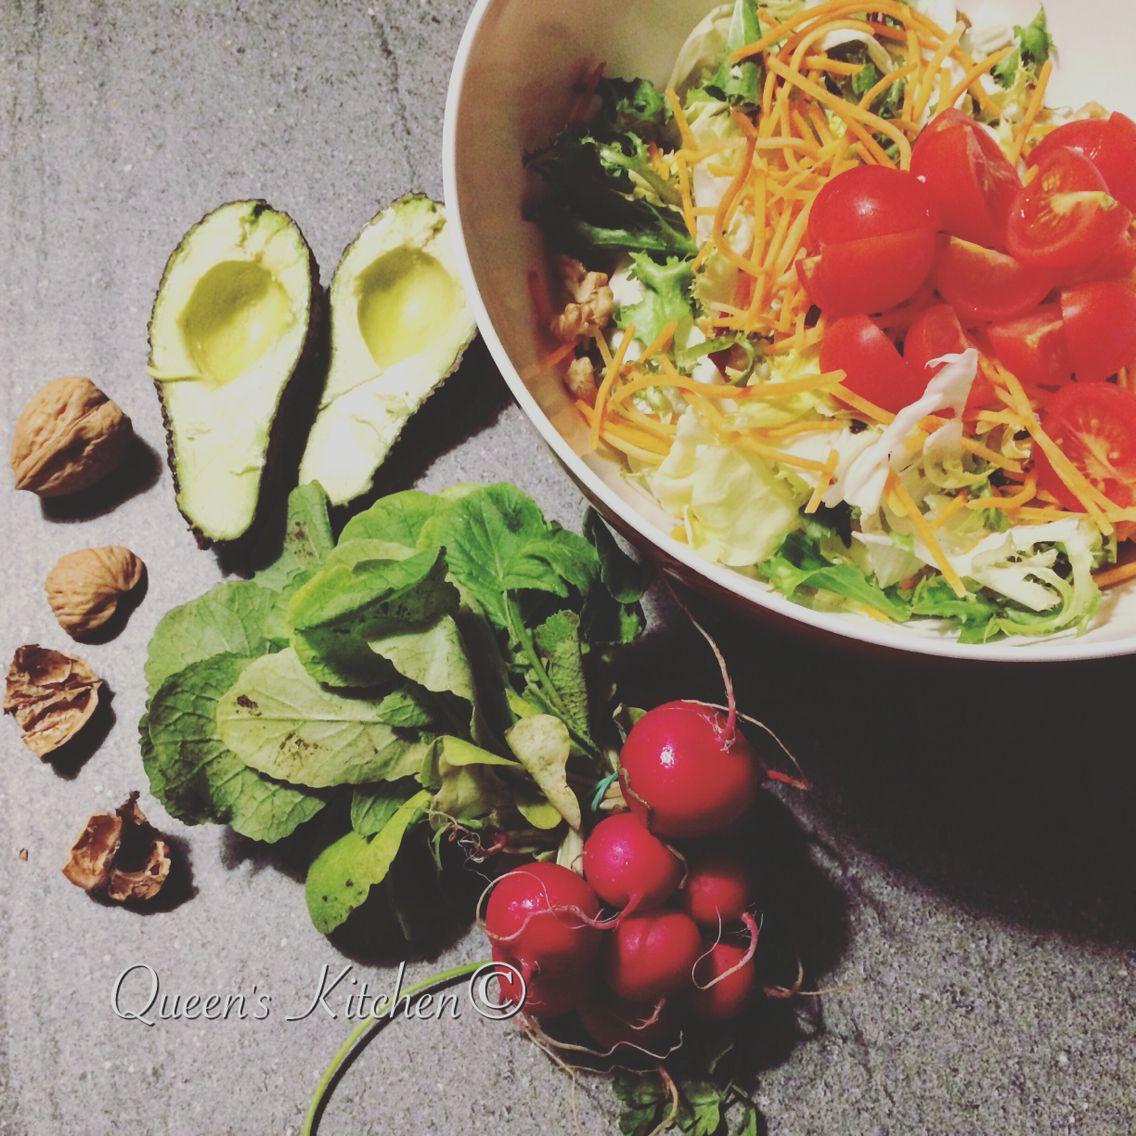 Prepariamo una bella insalata! {www.queenskitchen.it} #queenskitchen #cuciniamoacasa